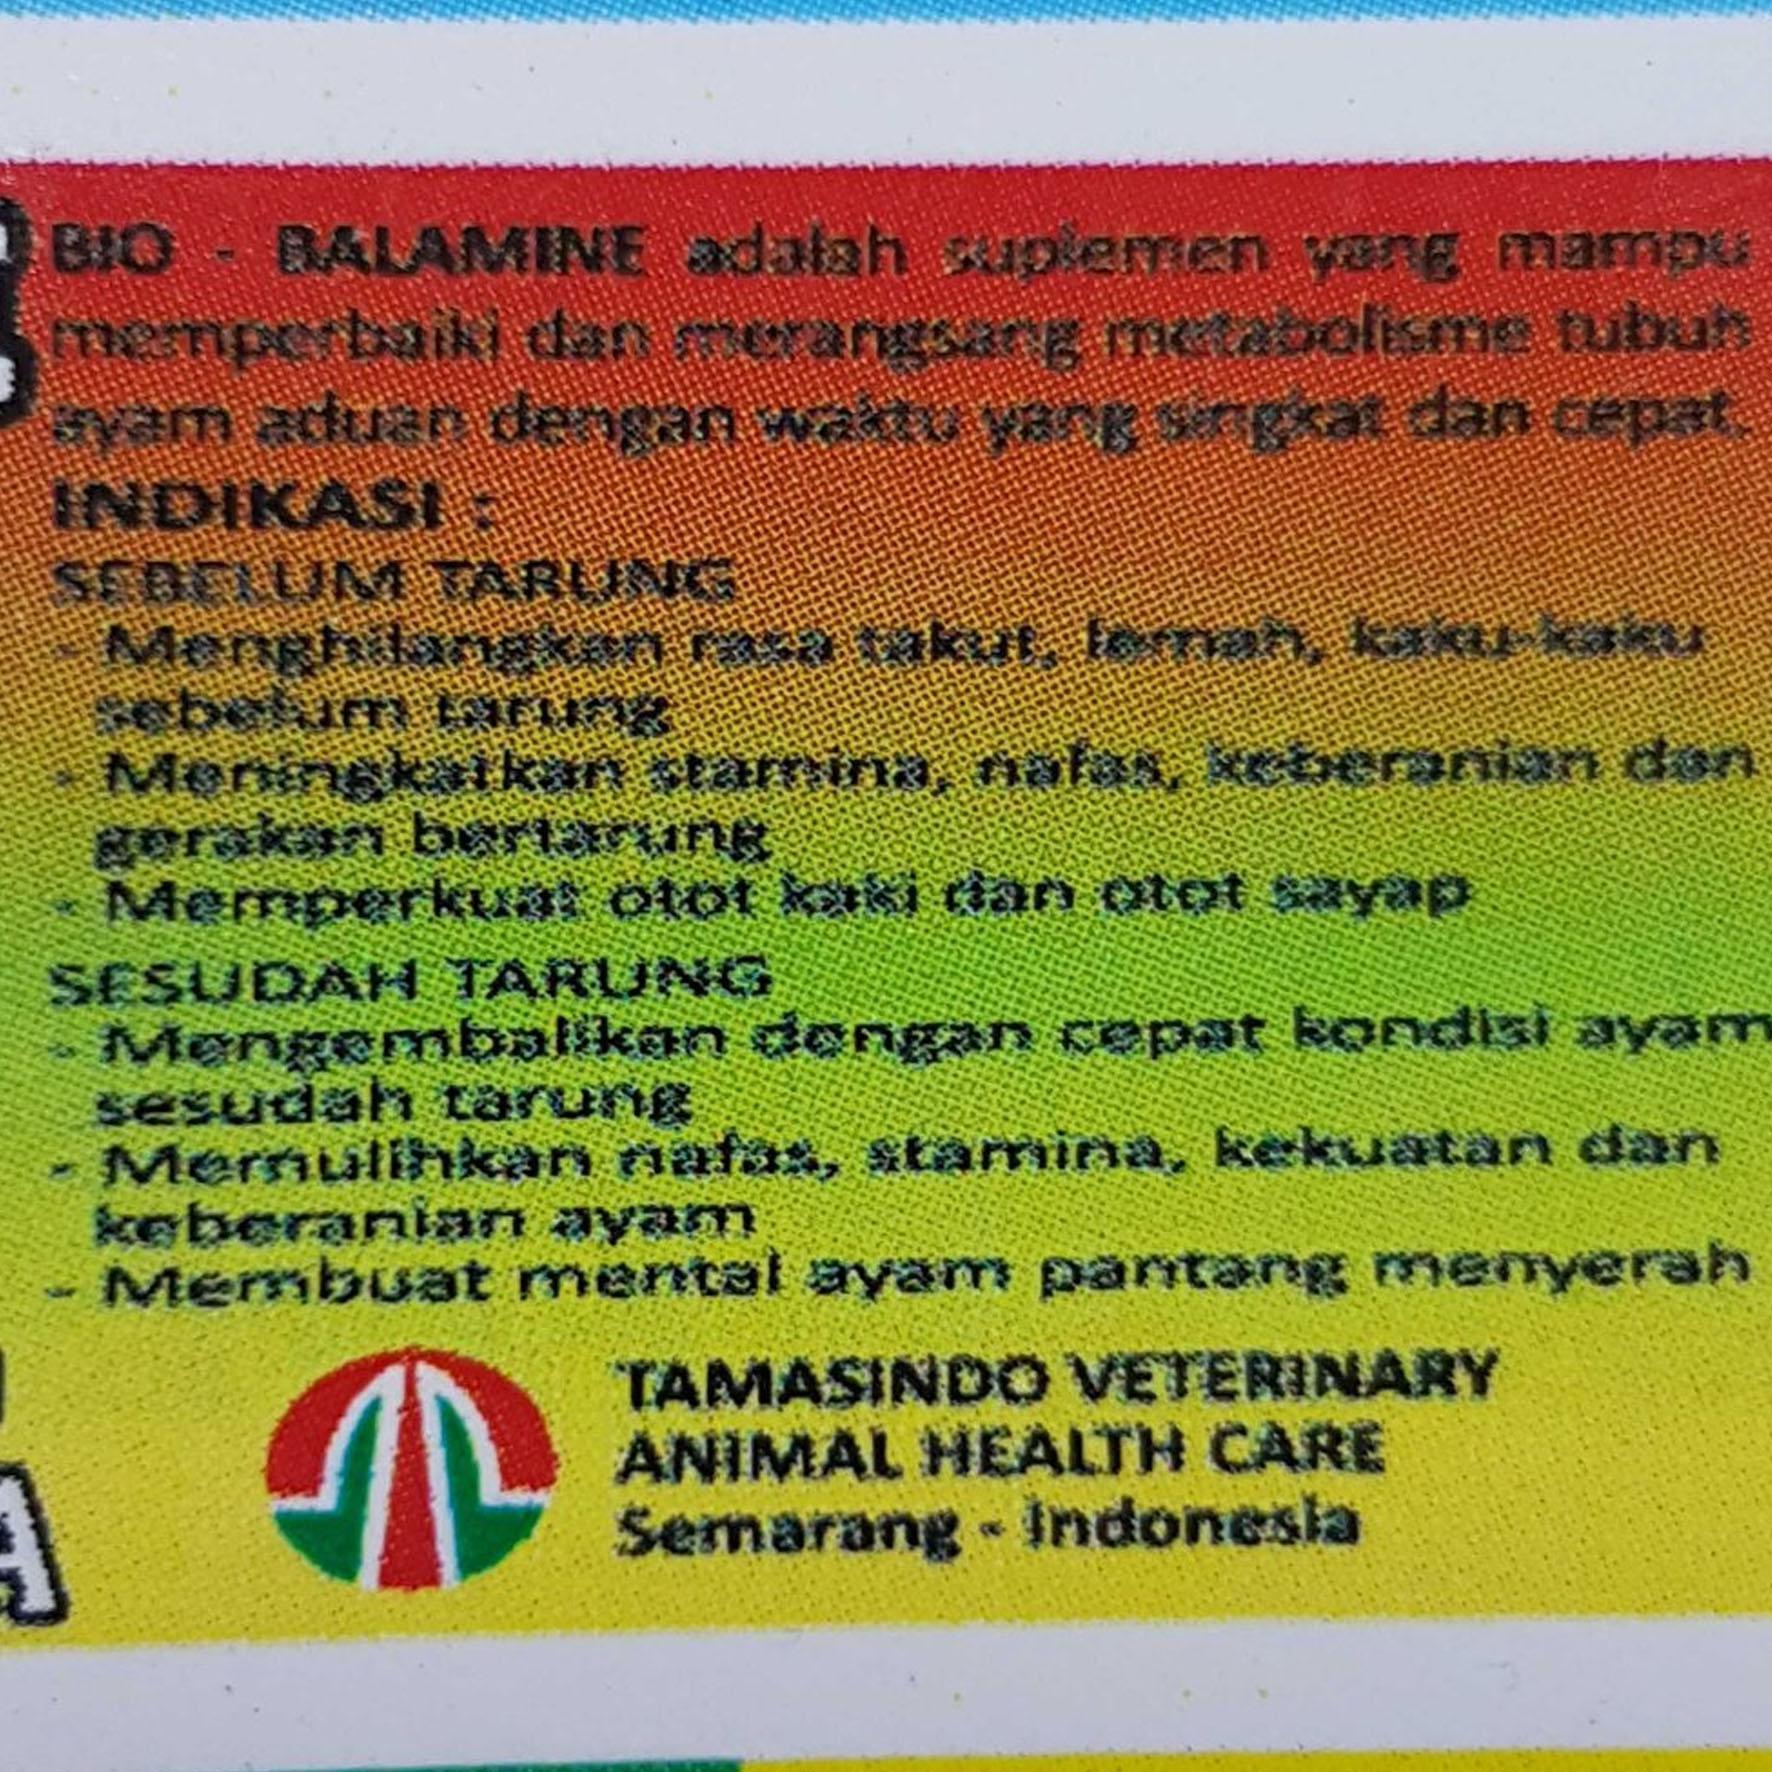 BIO BALAMINE 10 Ml - Obat Suplemen Penambah Tenaga Ayam Aduan Tarung Petarung | Lazada Indonesia